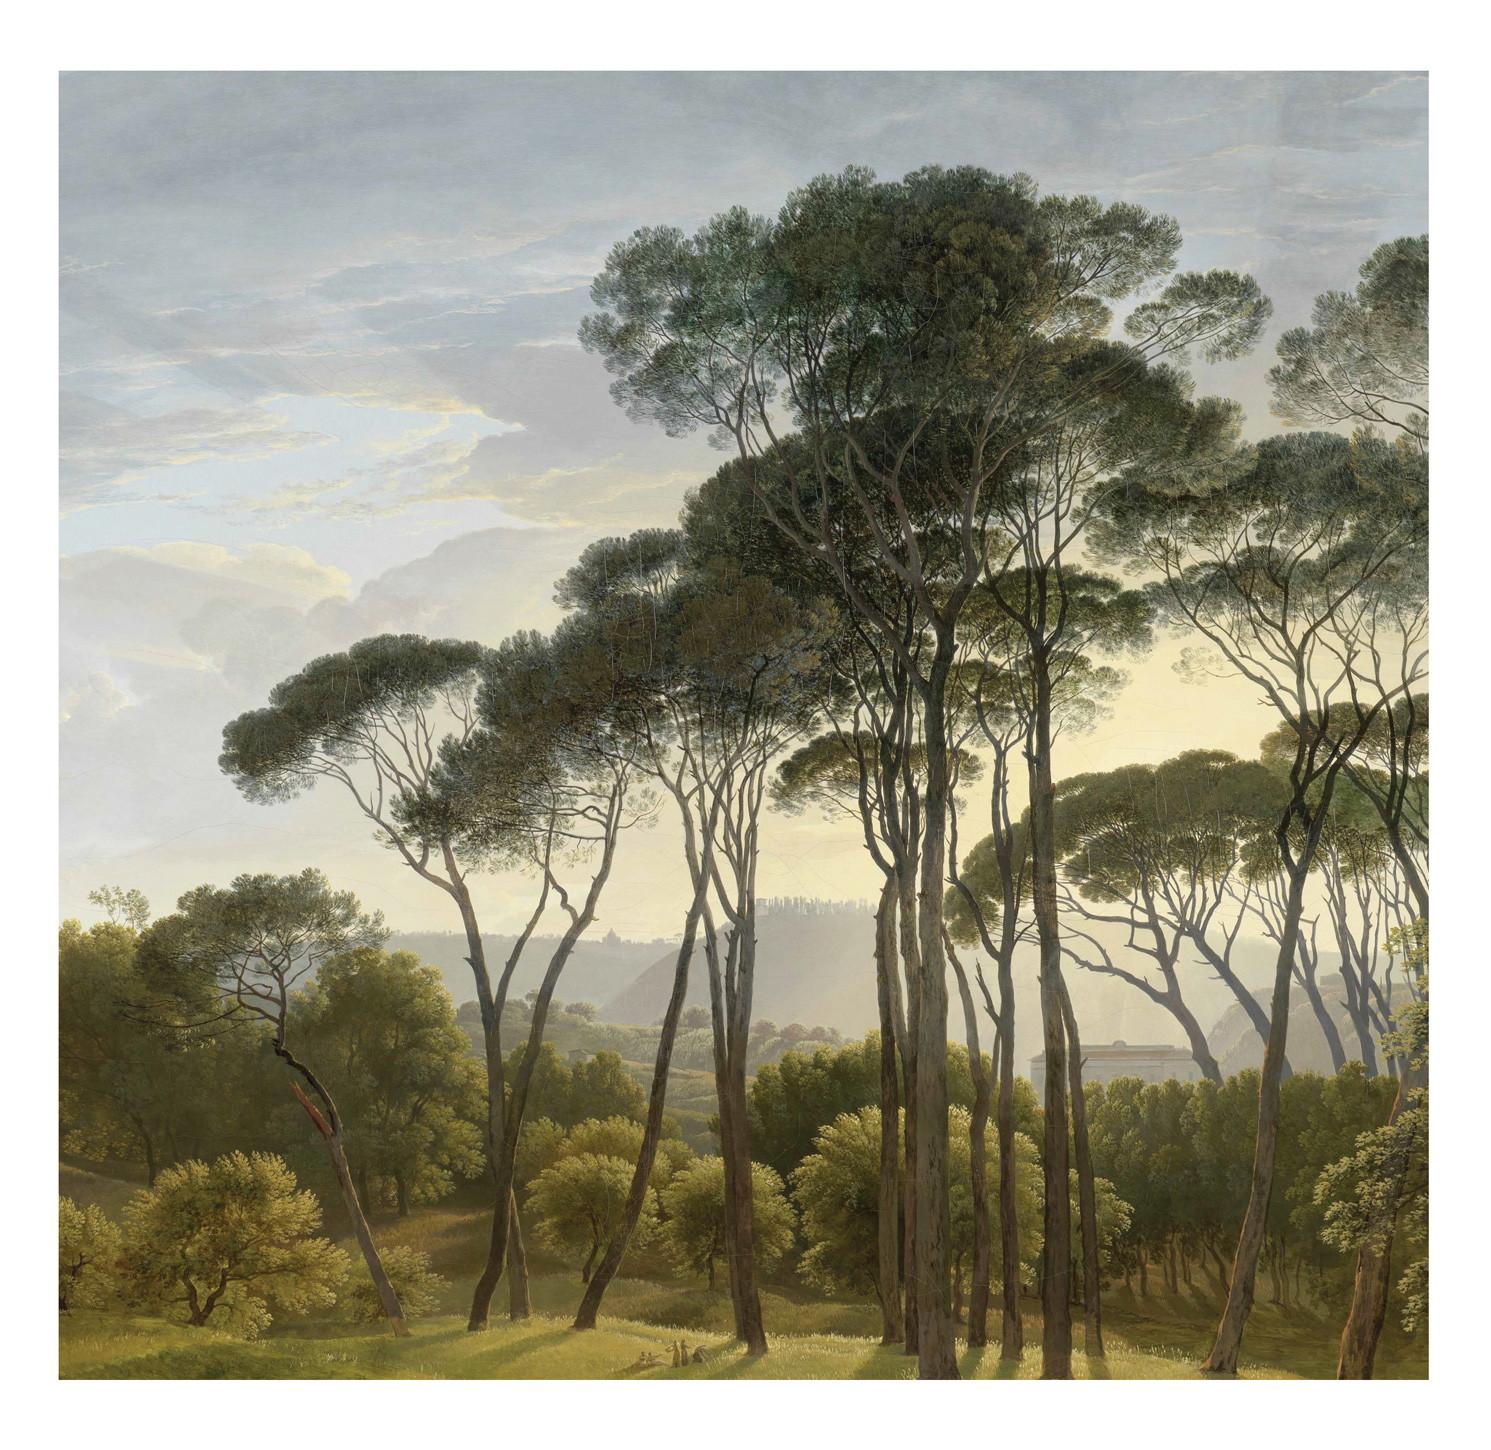 Kek Amsterdam Behang Golden Age Landscapes I-8718754018159-31